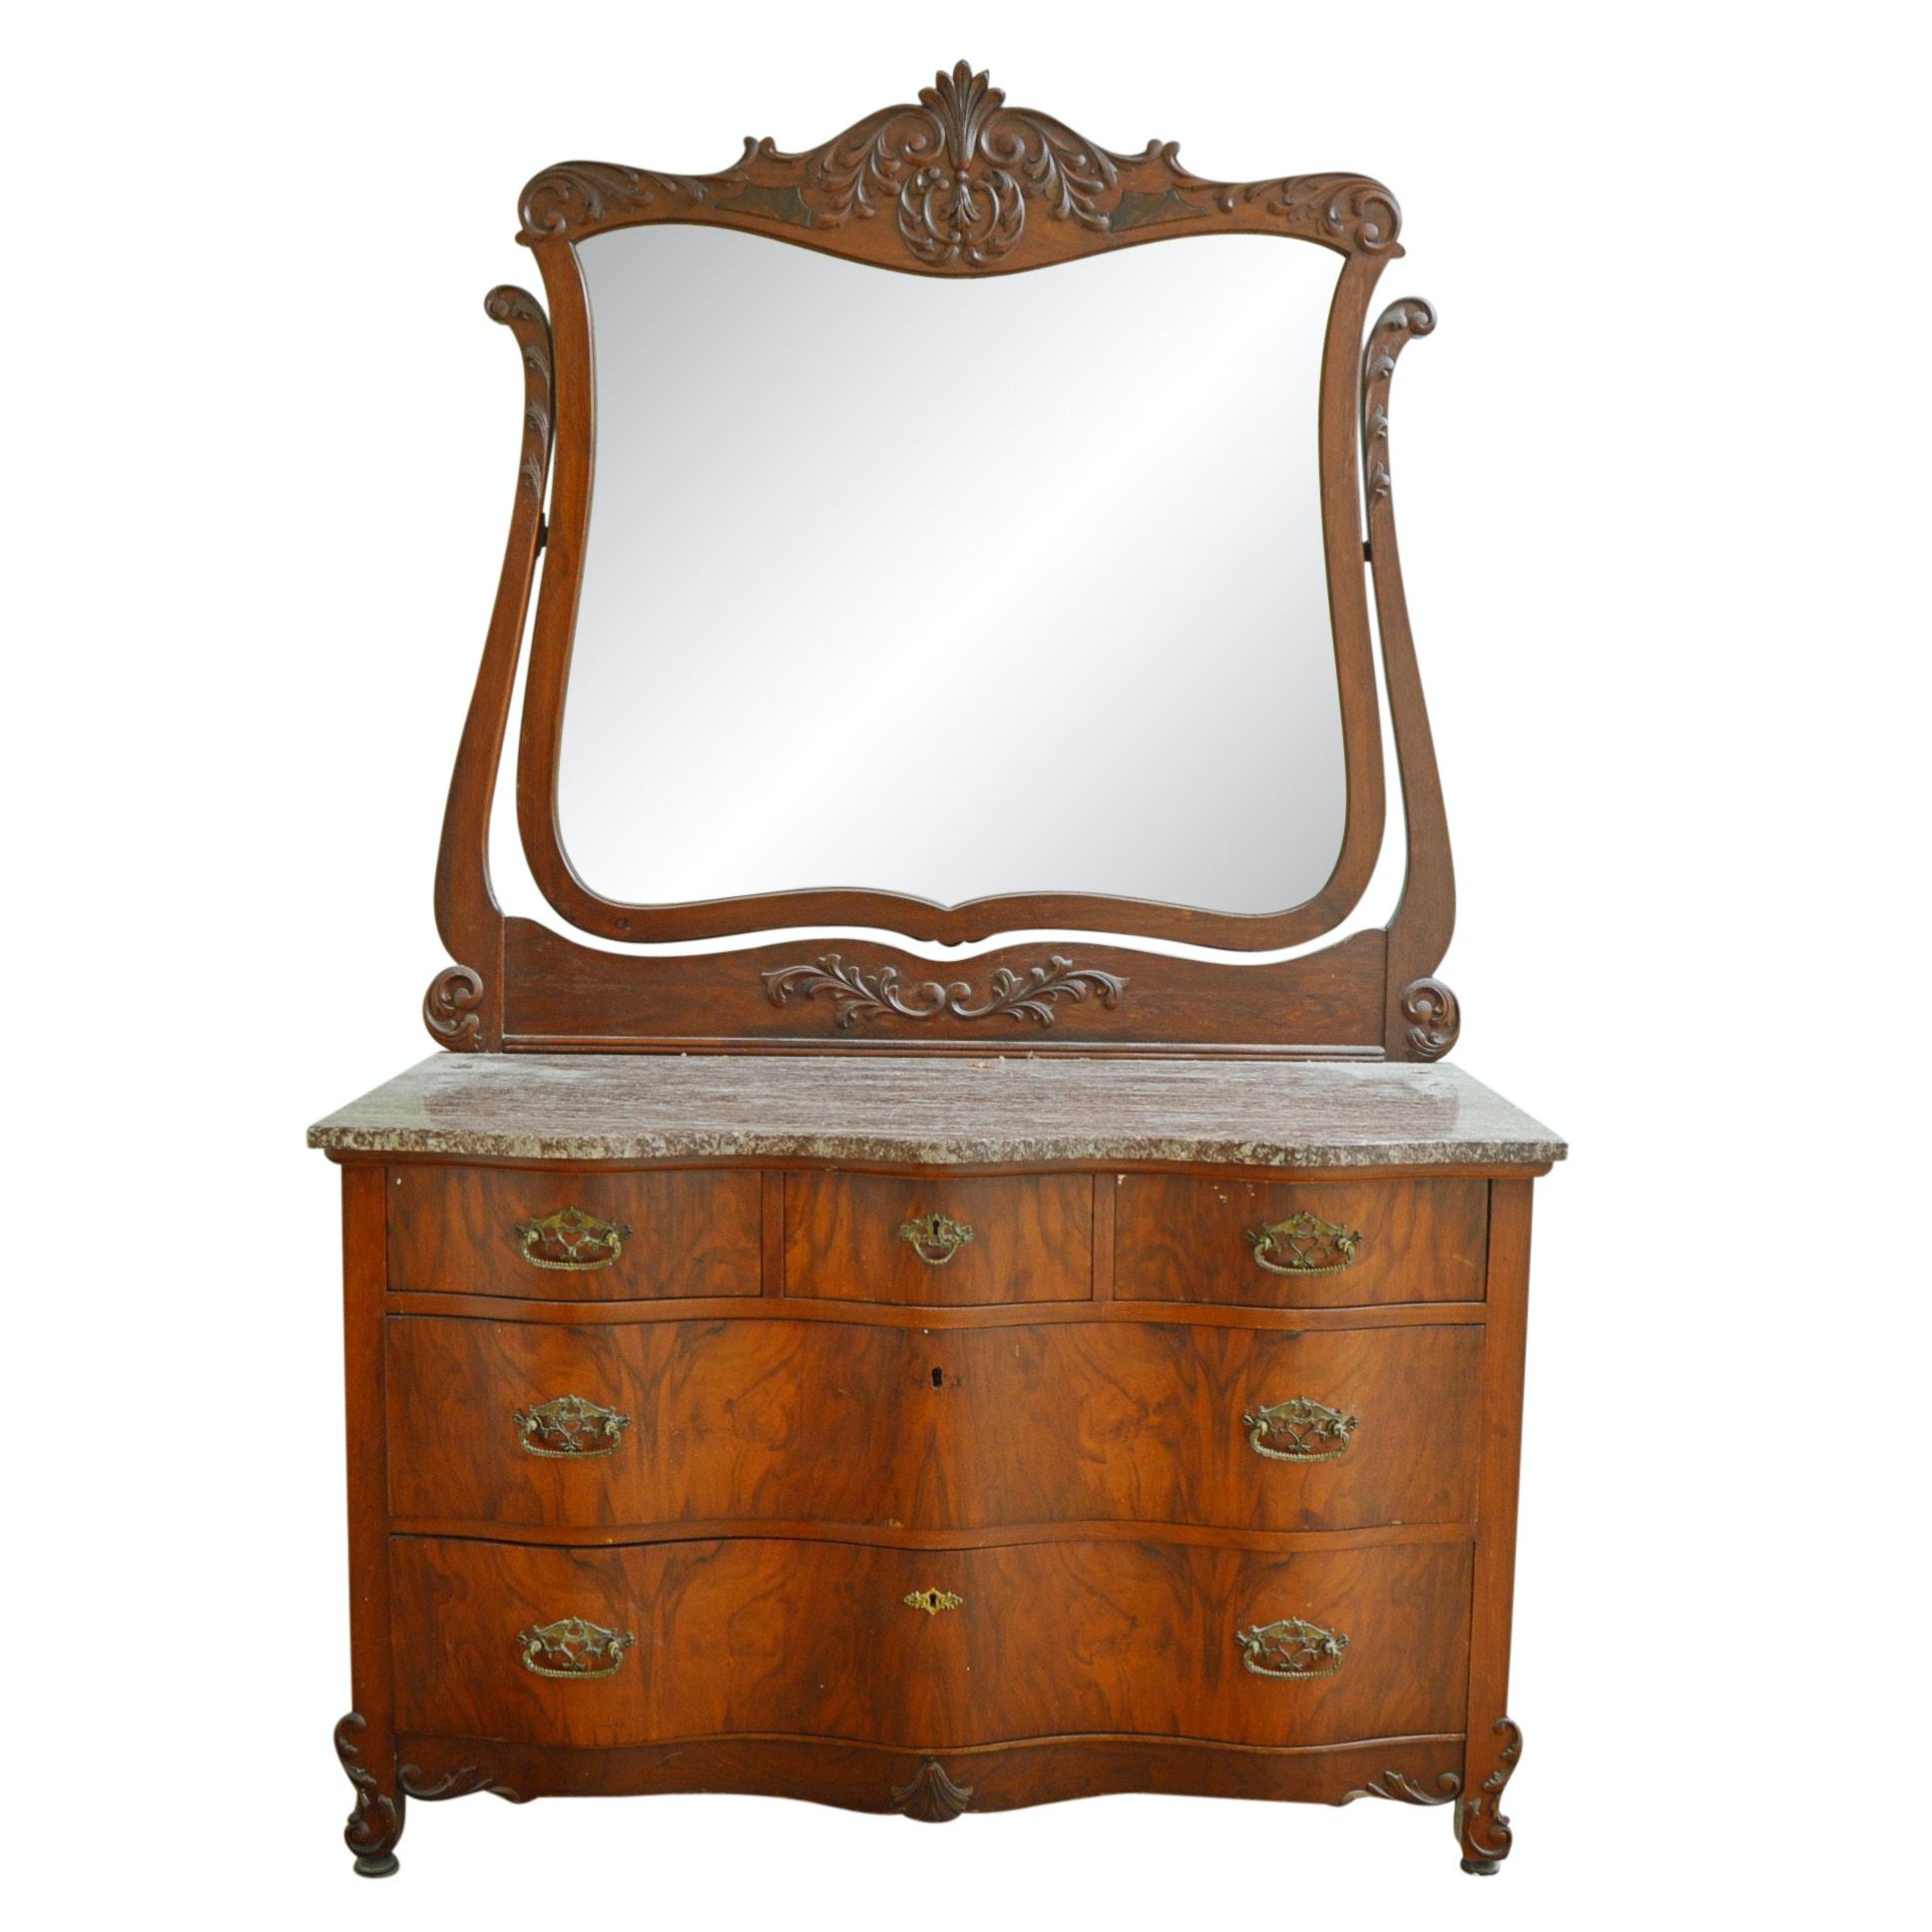 Victorian Flame Burl Marble Top Serpentine Dresser with Wishbone Mirror